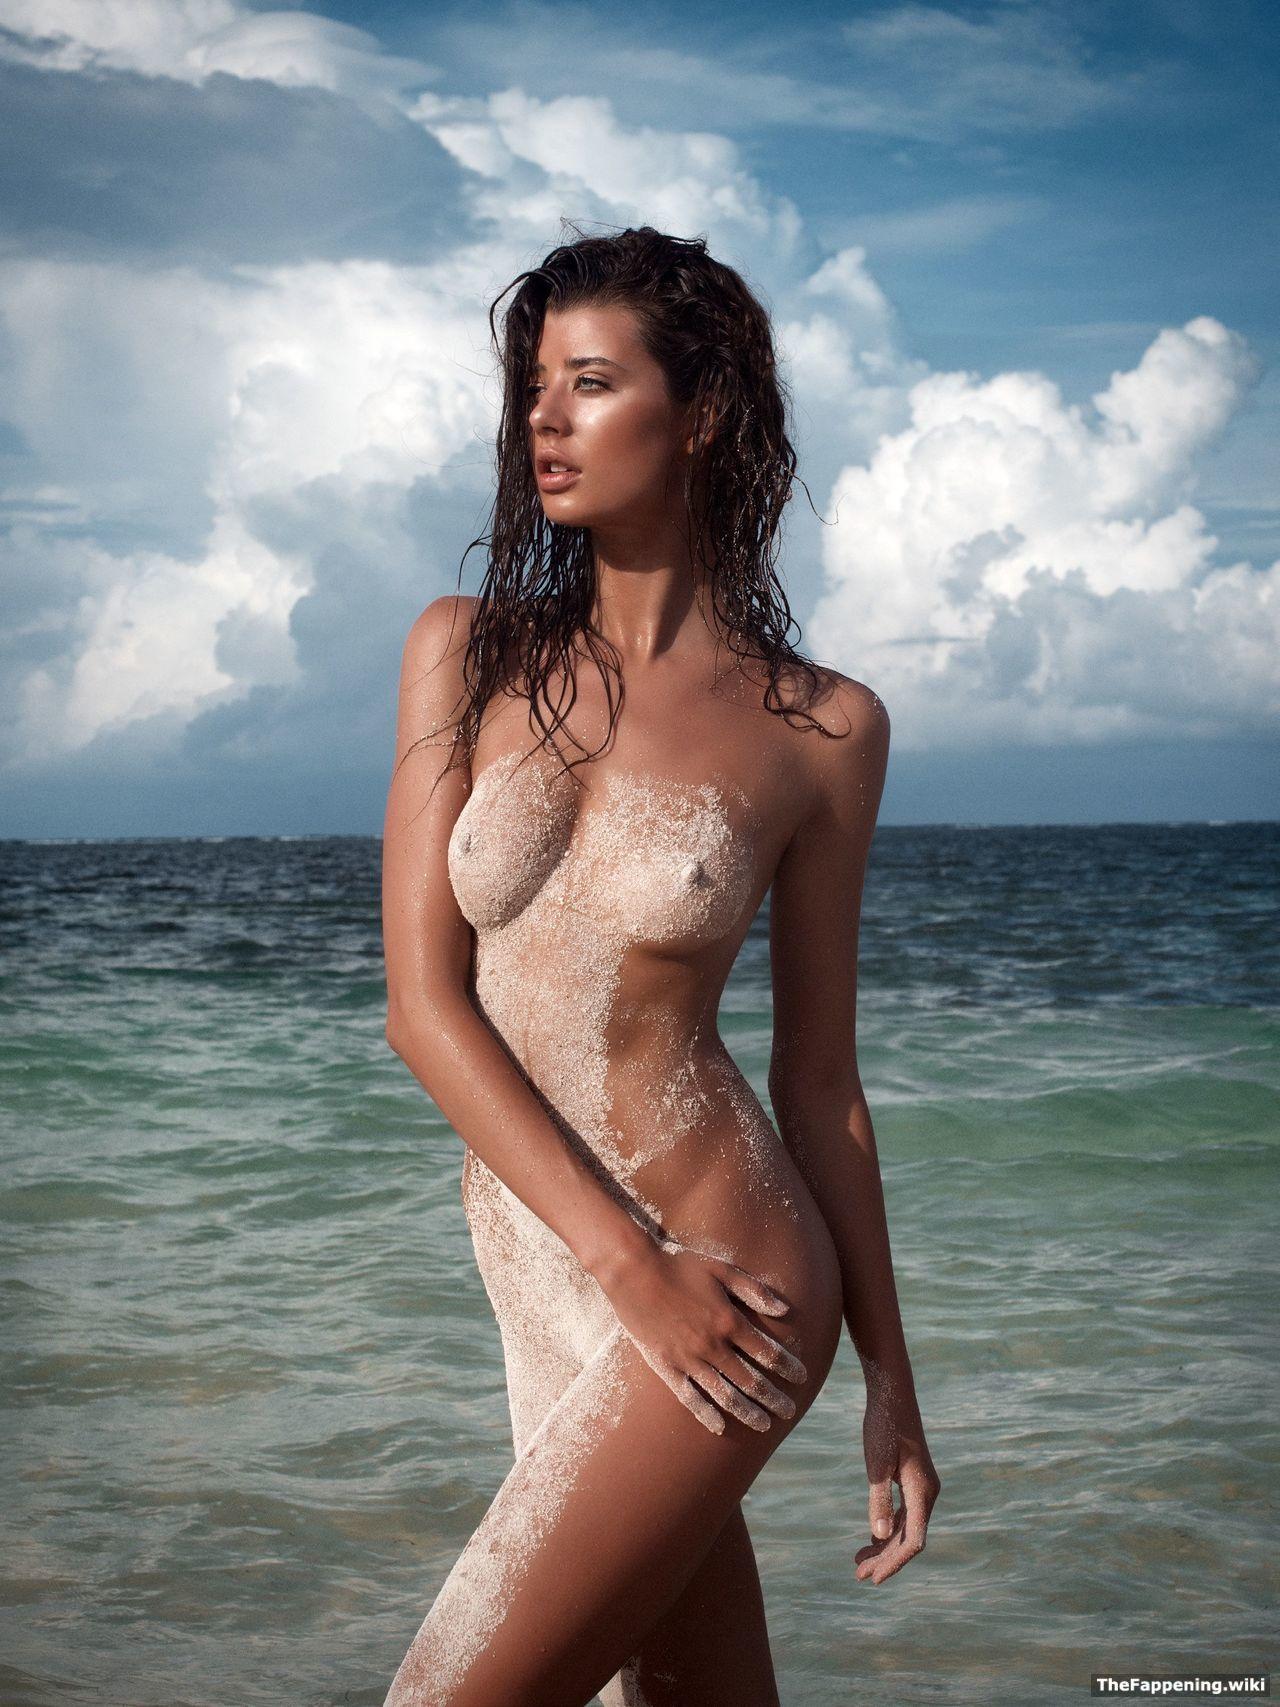 Sex Sarah Mcdaniel nude (65 photos), Topless, Cleavage, Boobs, panties 2015